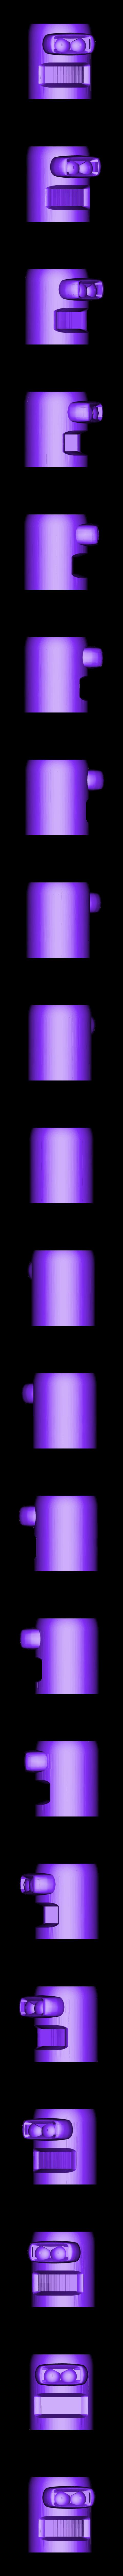 """Bender tirelire contenant.stl Télécharger fichier STL gratuit tirelire """"Bender"""" • Design pour impression 3D, psl"""